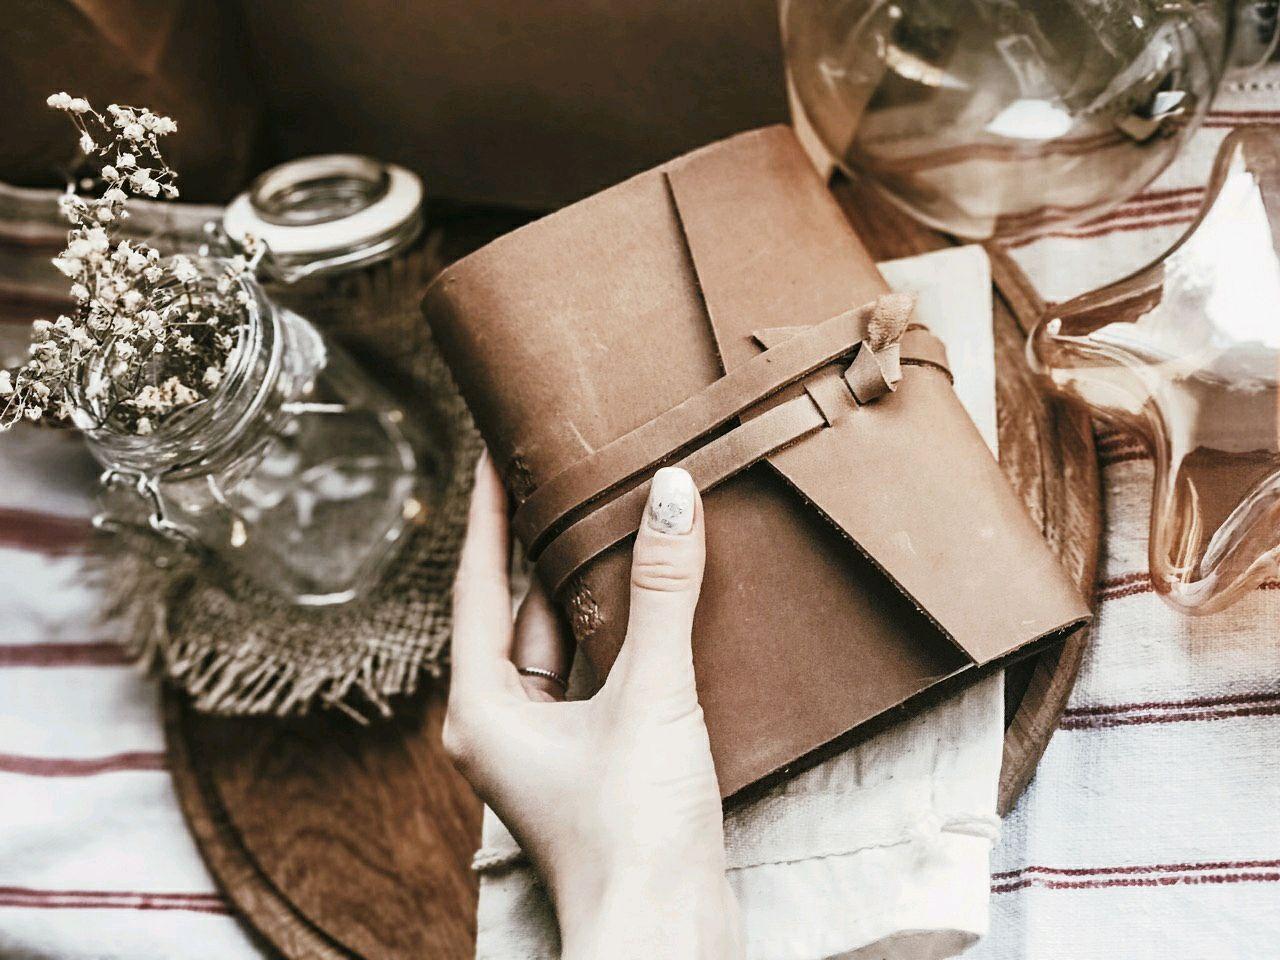 Блокнот кожаный Яков в бежевом цвете, Блокноты, Киев,  Фото №1